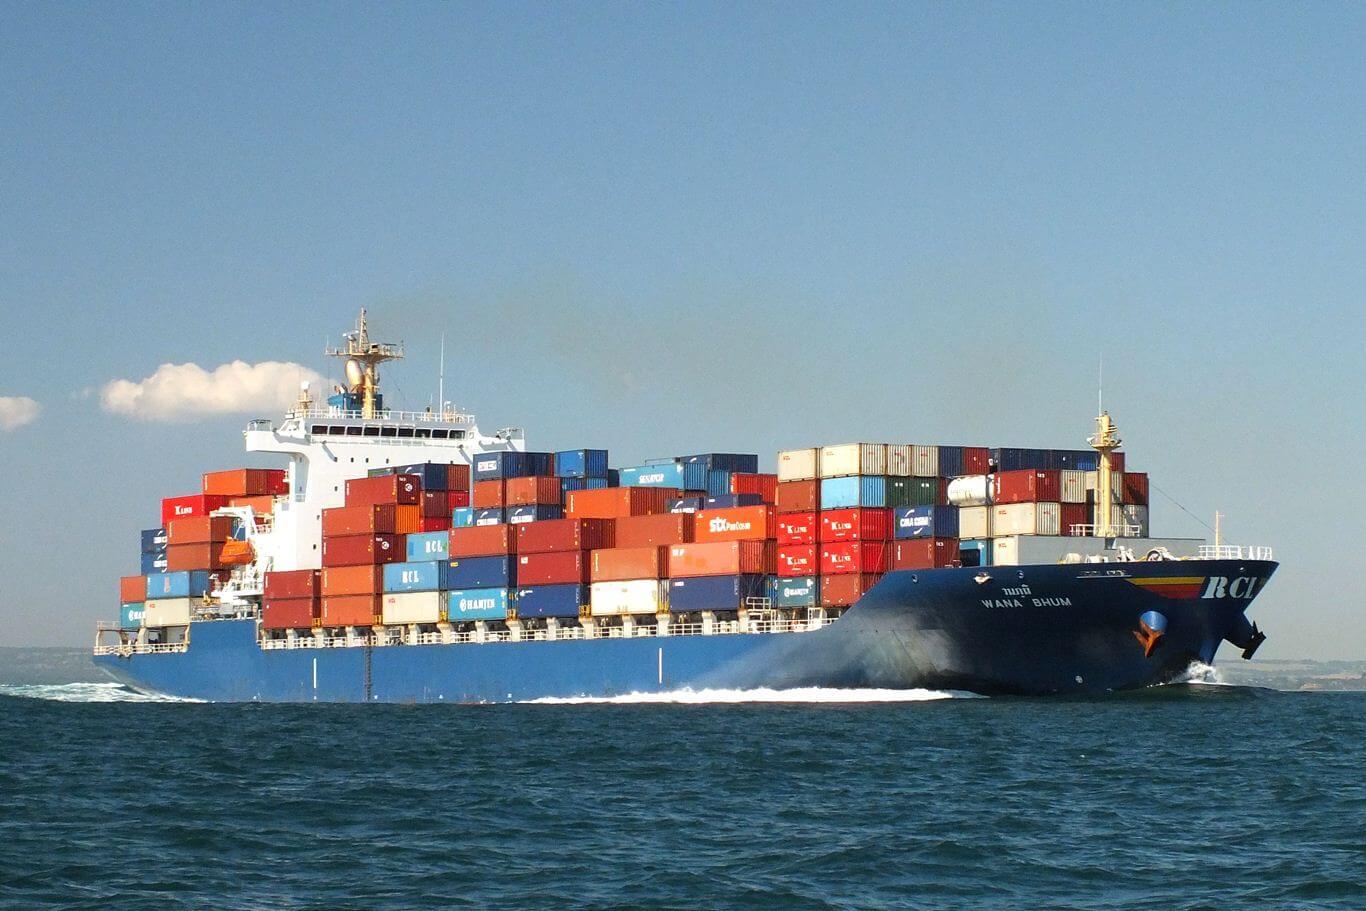 2018 Gümrük Limiti 22 Euro'ya Düşecek gümrük limiti 2018 Gümrük Limiti 22 Euro'ya Düşüyor !!! kargo gemi resimleri 420310